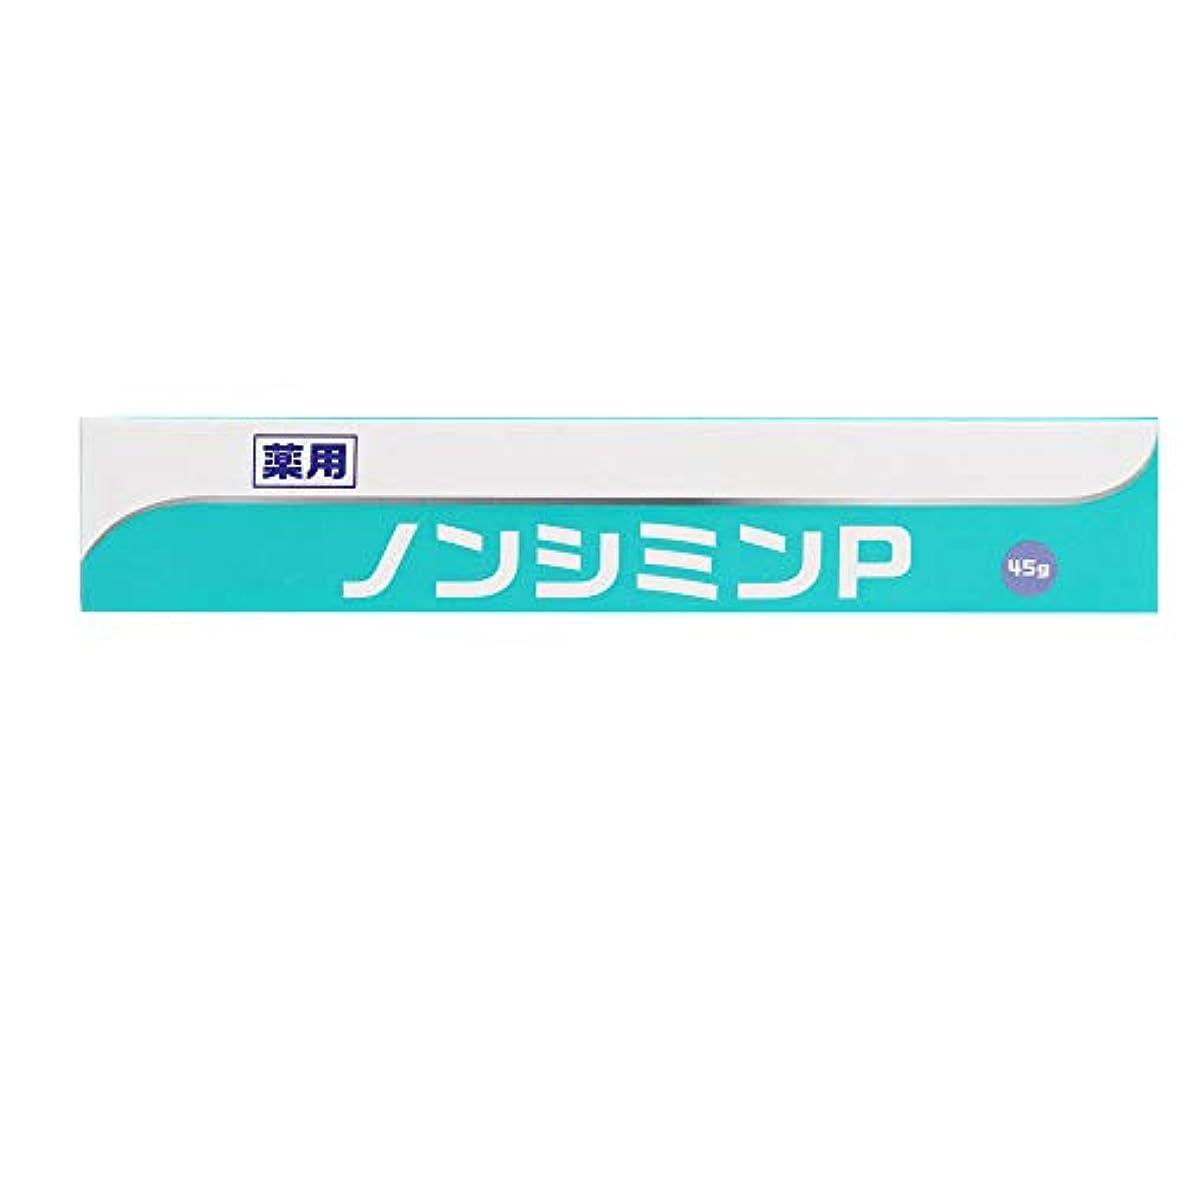 ミニ競うアミューズ薬用ノンシミンP 45g ジェルタイプ 医薬部外品